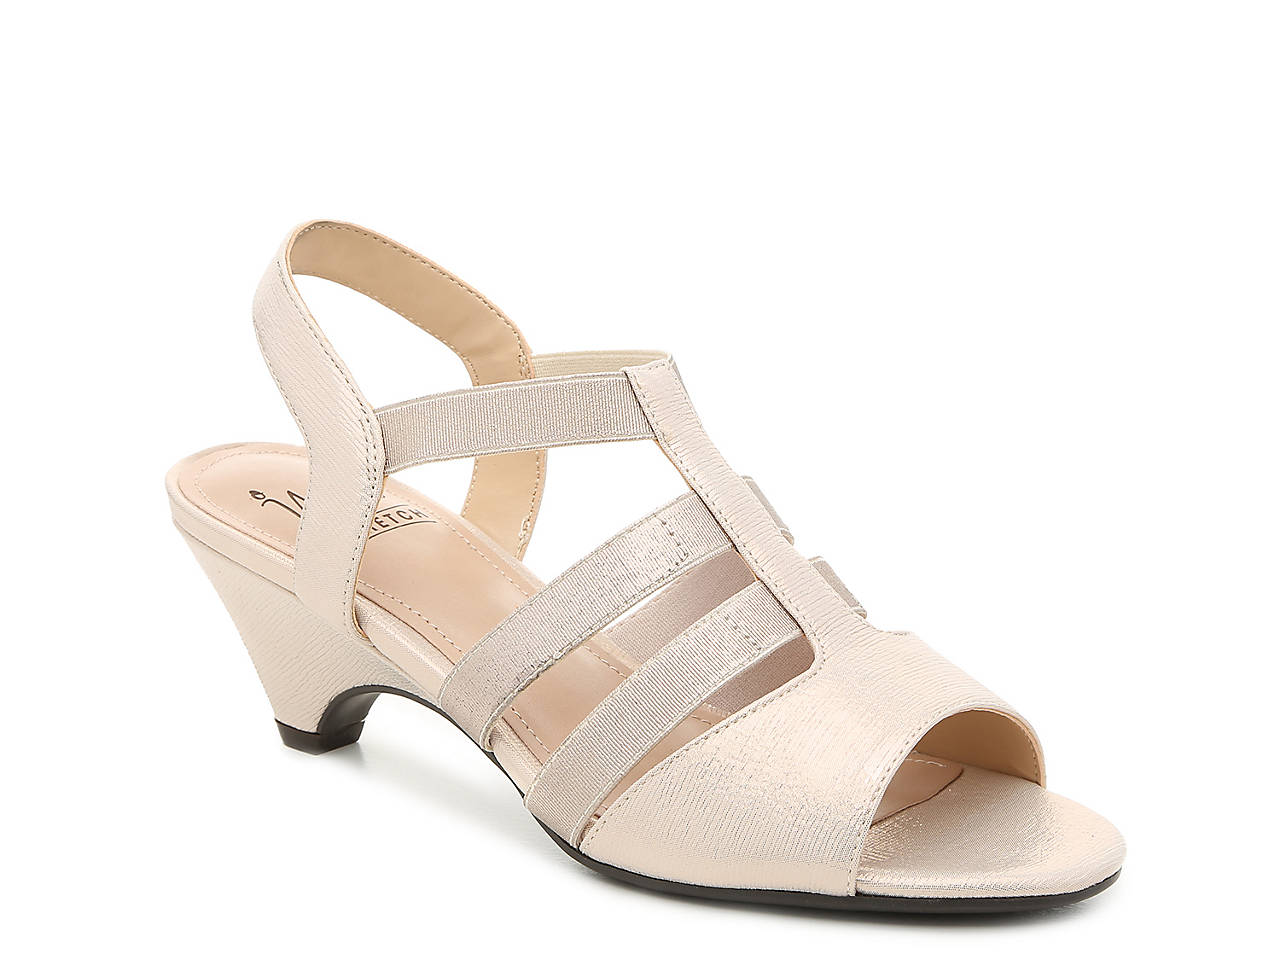 935ec2685636 Impo Estella Sandal Women s Shoes